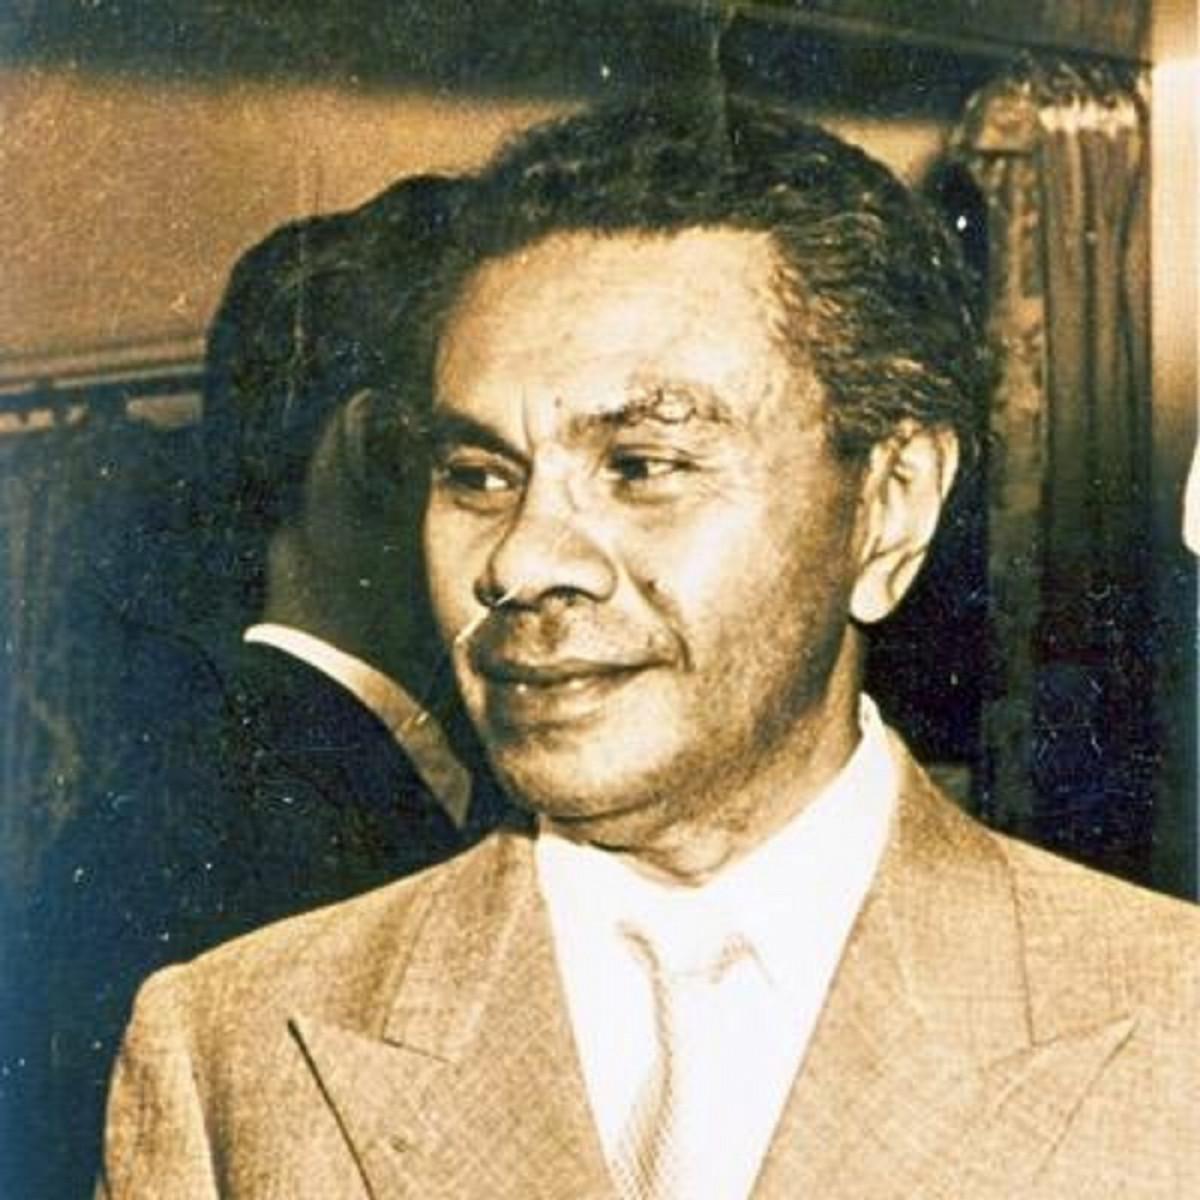 Sejarah Hari Ini (12 Januari 1936) - Johannes Latuharhary Dirikan Jong Ambon Malang